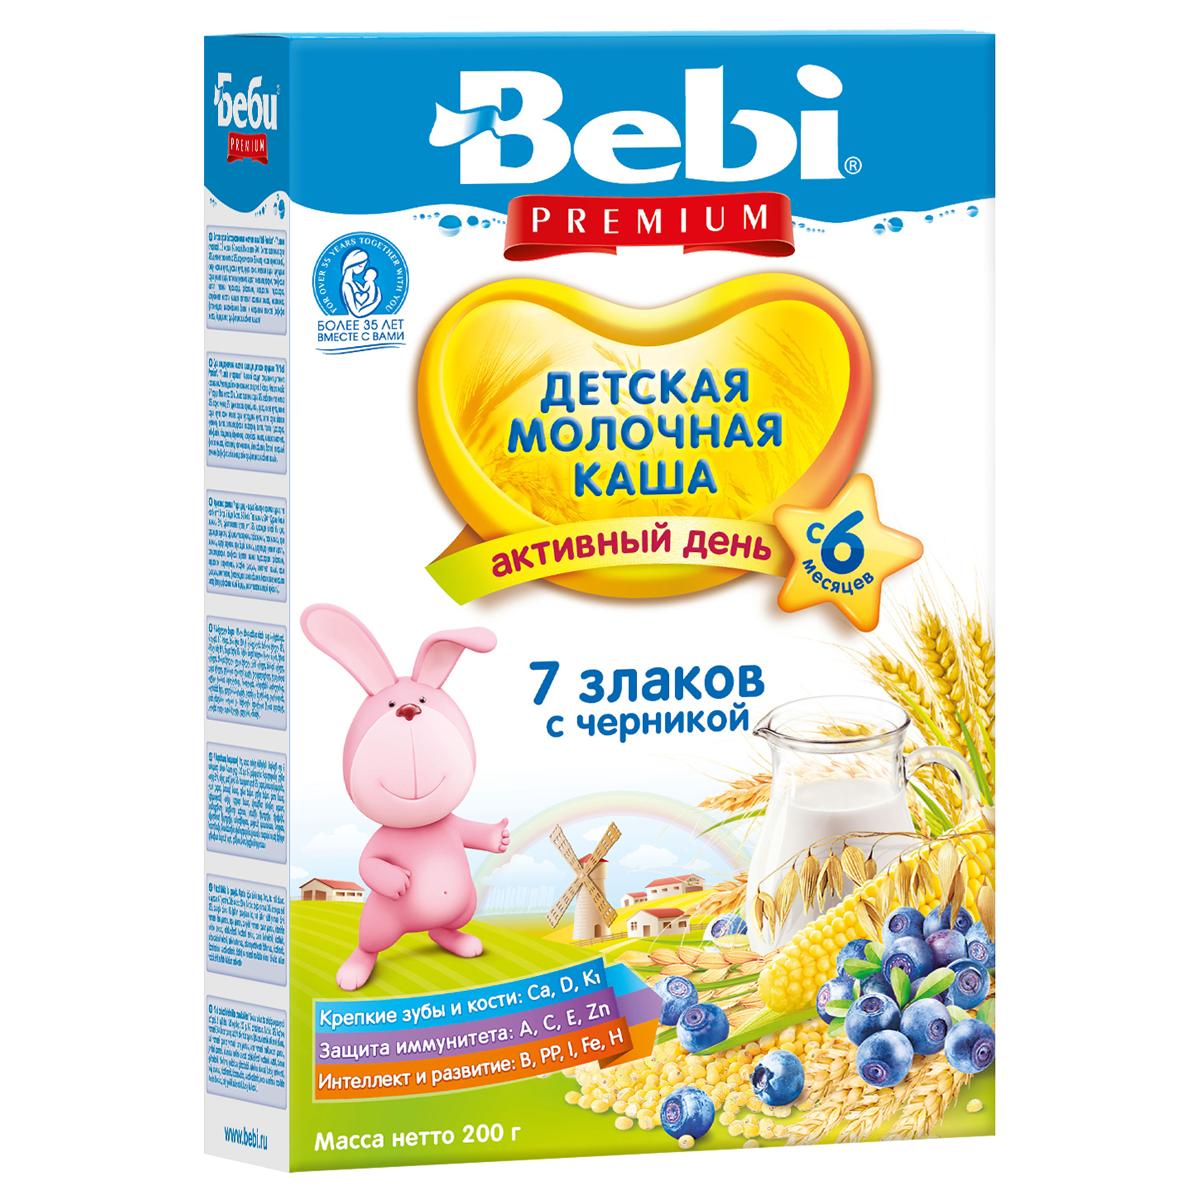 Каша Bebi Premium молочная 200 гр 7 злаков с черникой (с 6 мес)<br>